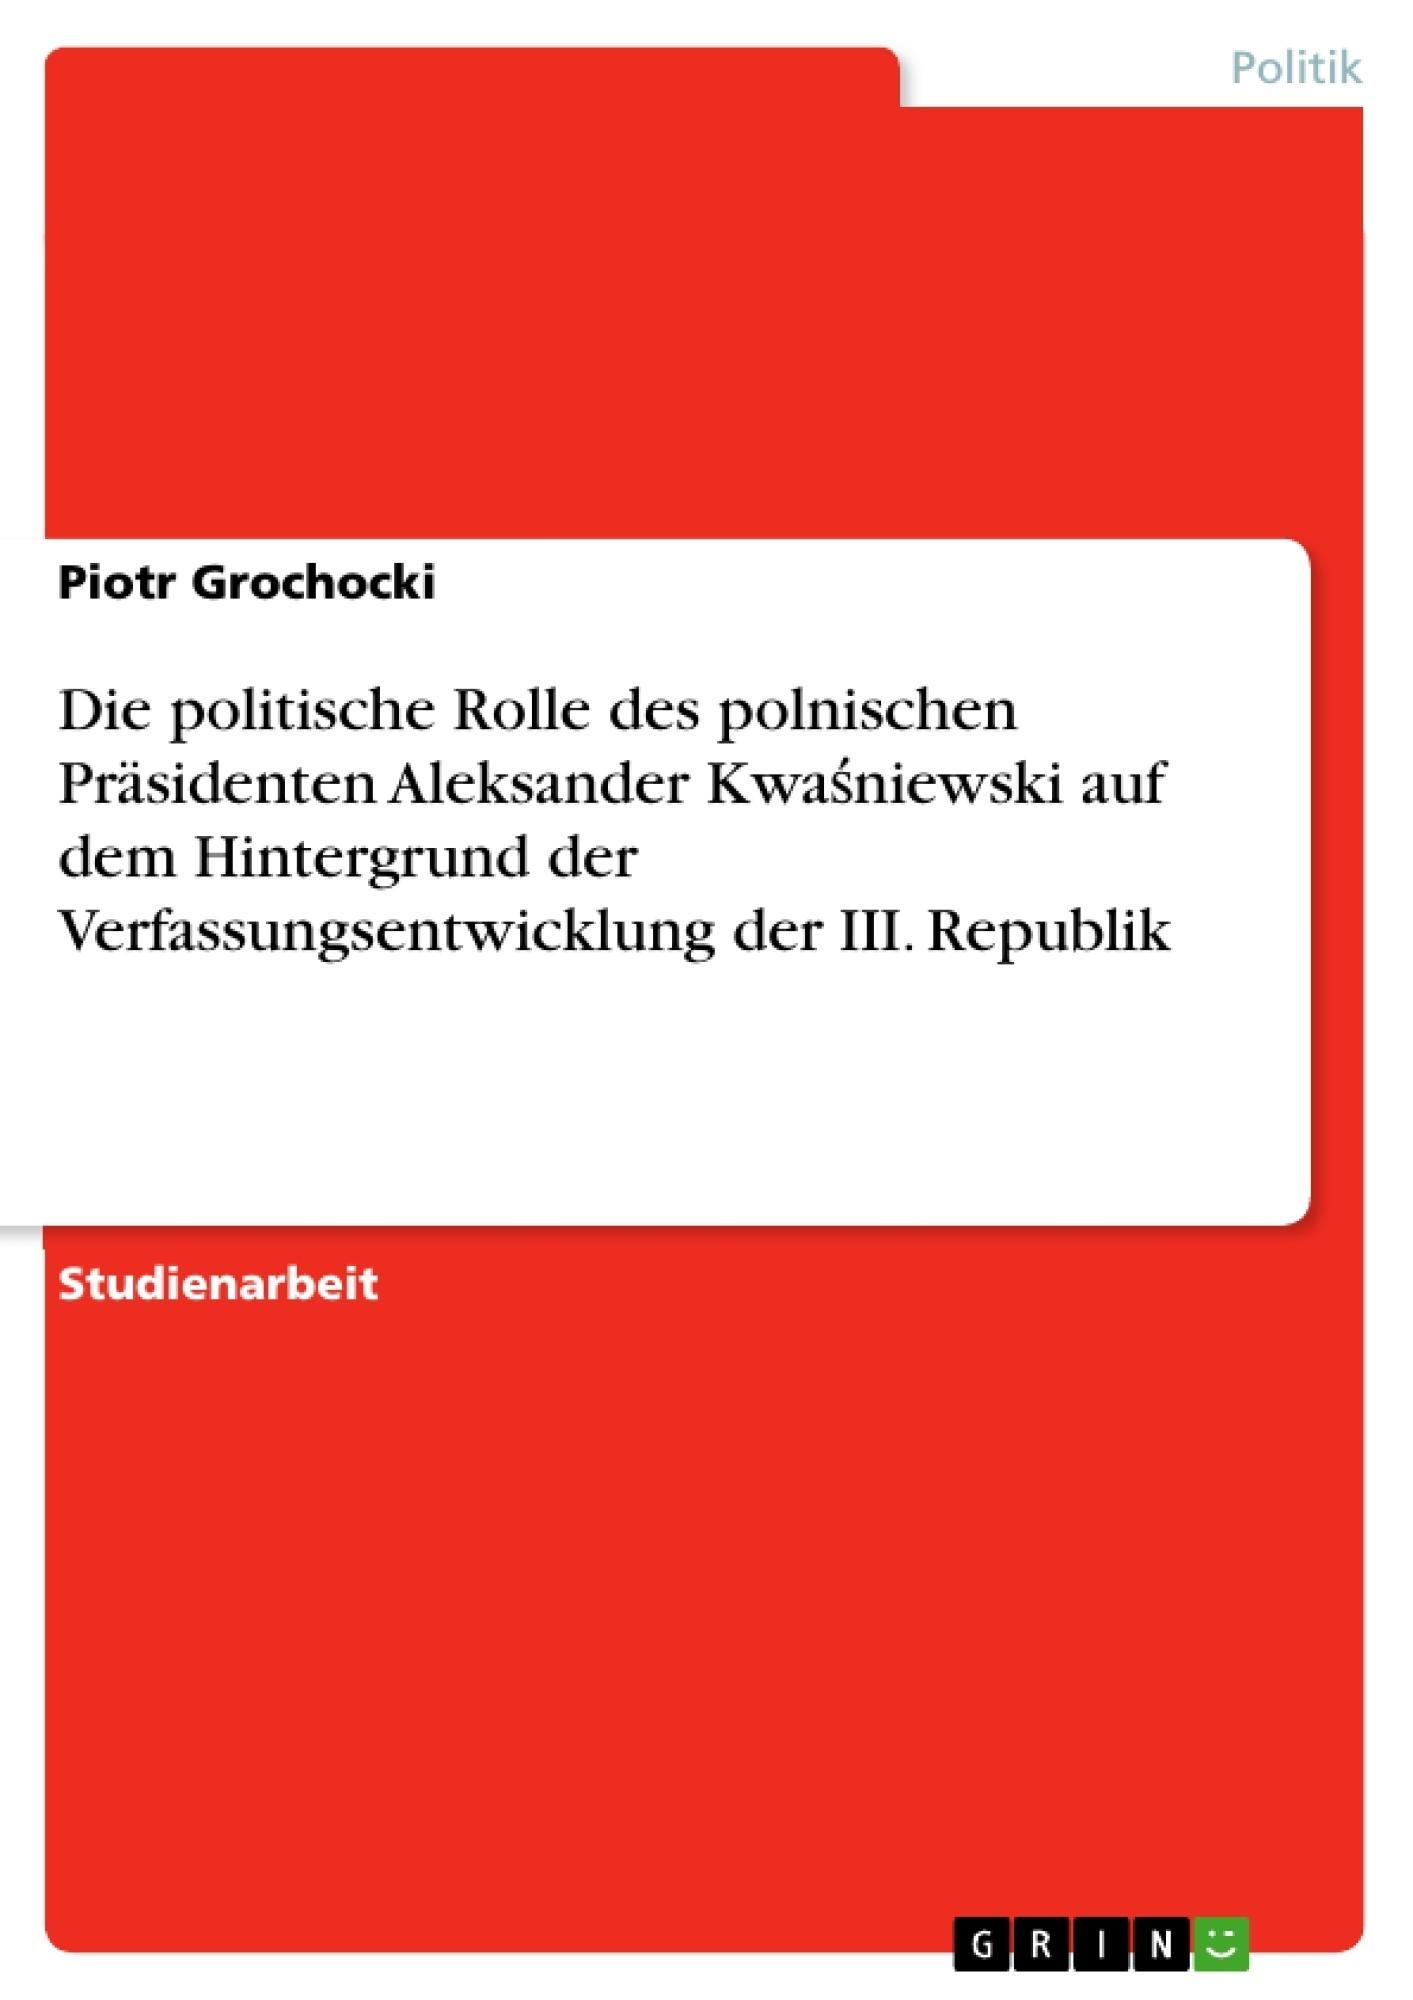 Titel: Die politische Rolle des polnischen Präsidenten Aleksander Kwaśniewski auf dem Hintergrund der Verfassungsentwicklung der III. Republik